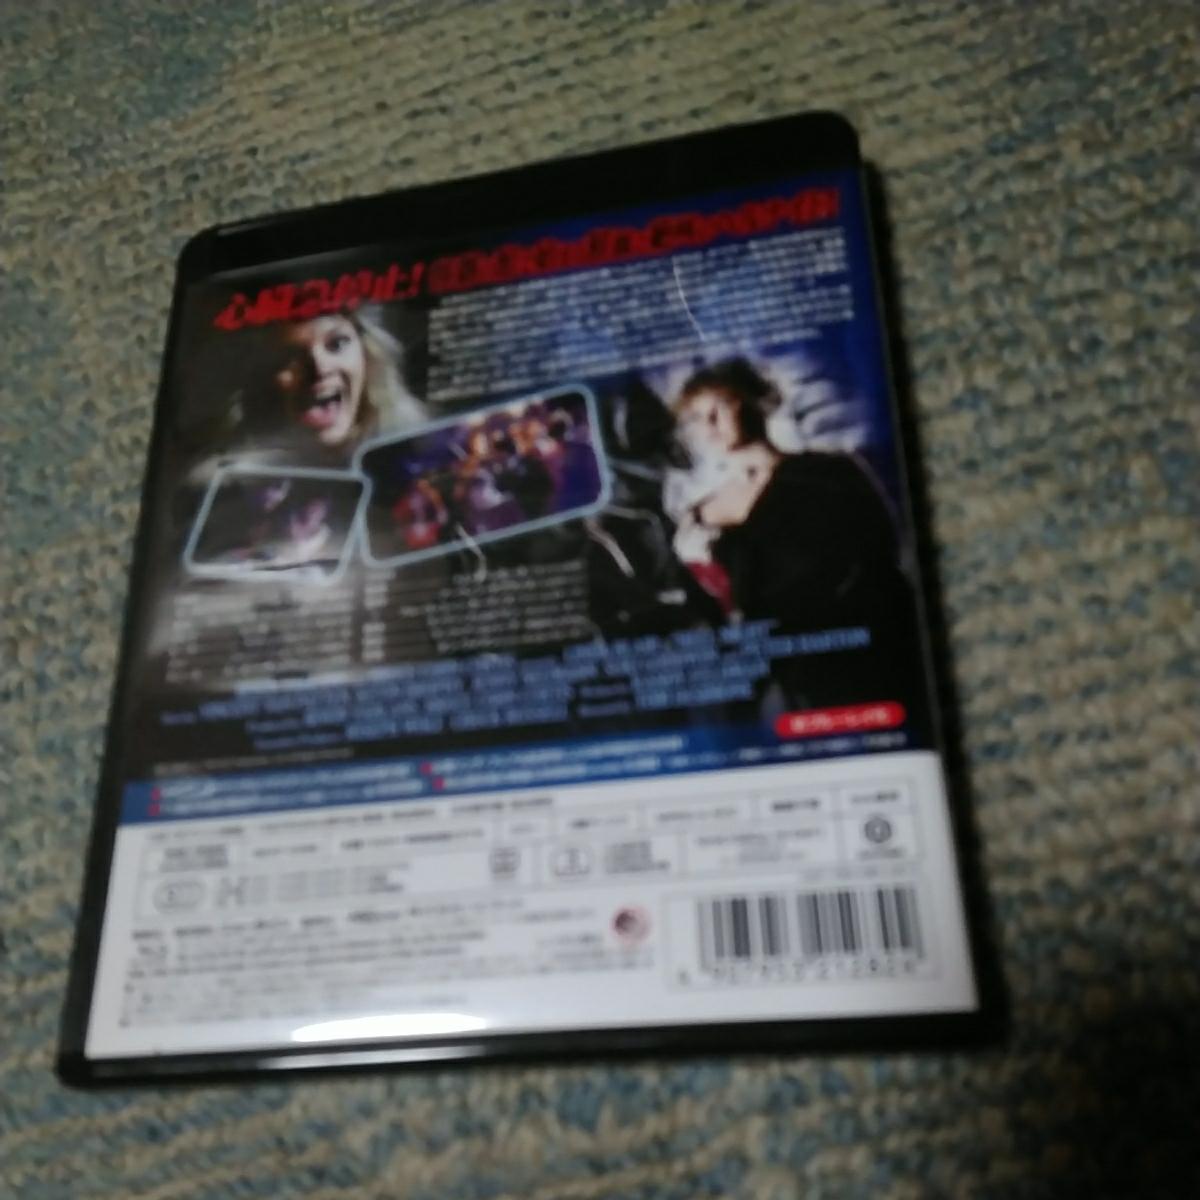 ヘルナイト HDリマスター版 Blu-ray  日本語吹替修論  リンダブレア_画像3